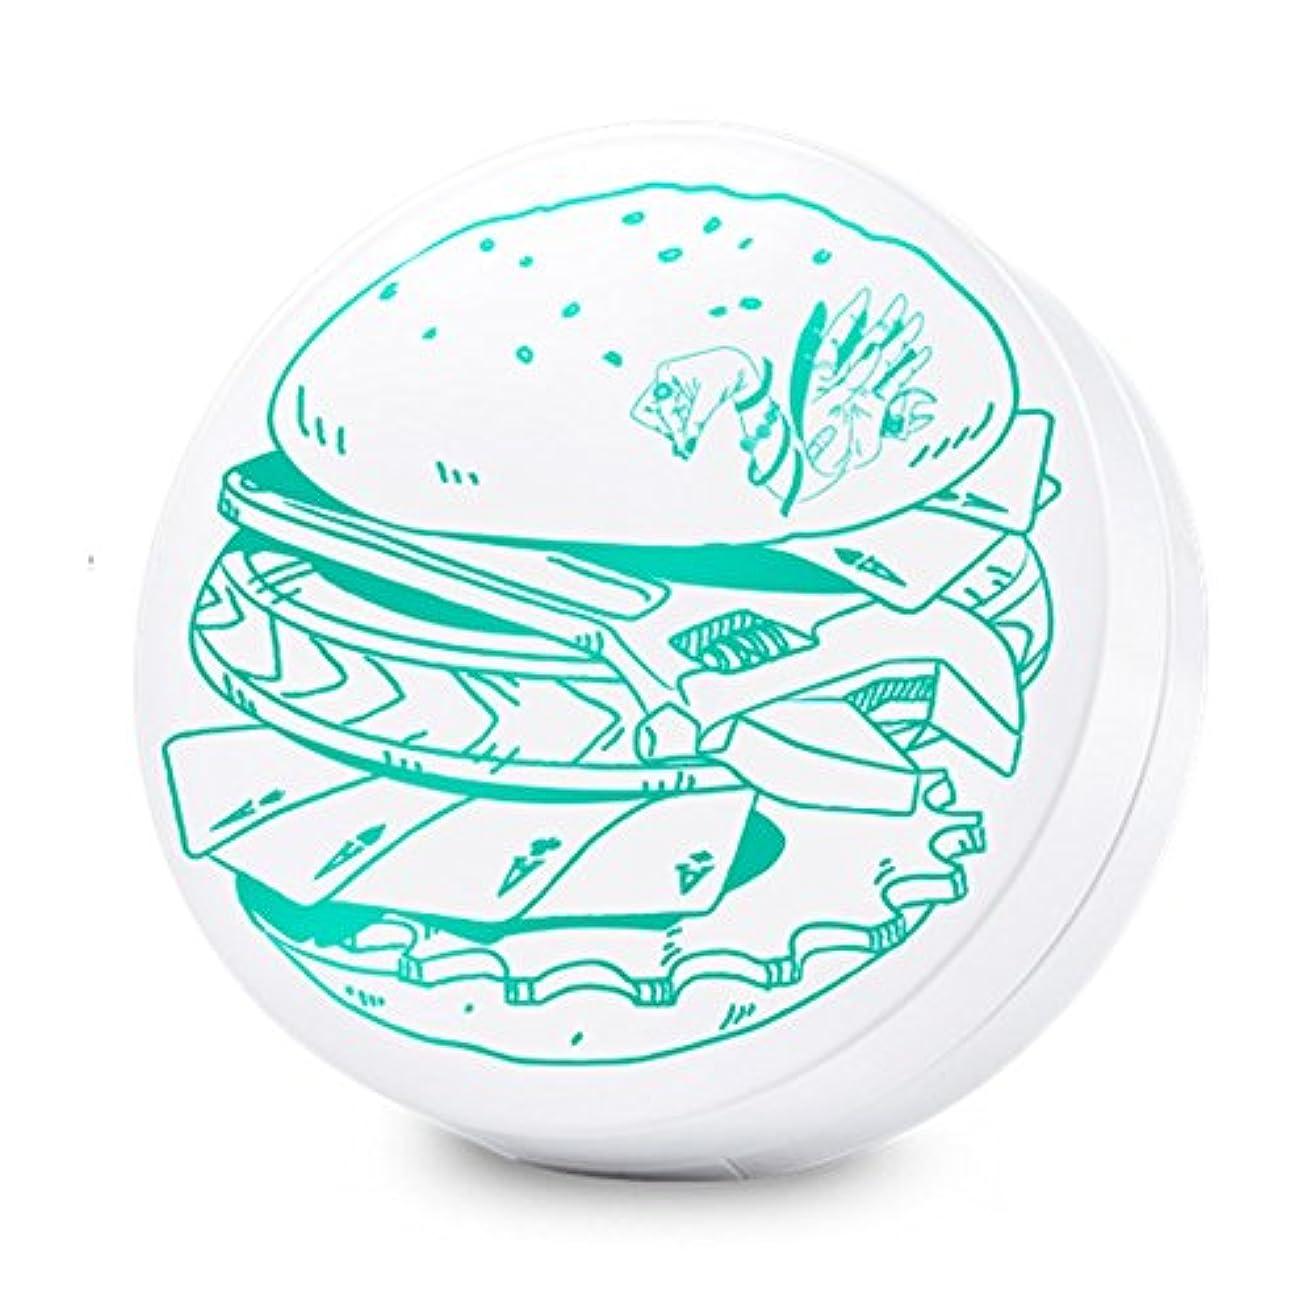 怒り次戸惑うSwanicoco AC burger Cushion (wt Refill) (Pink Base)